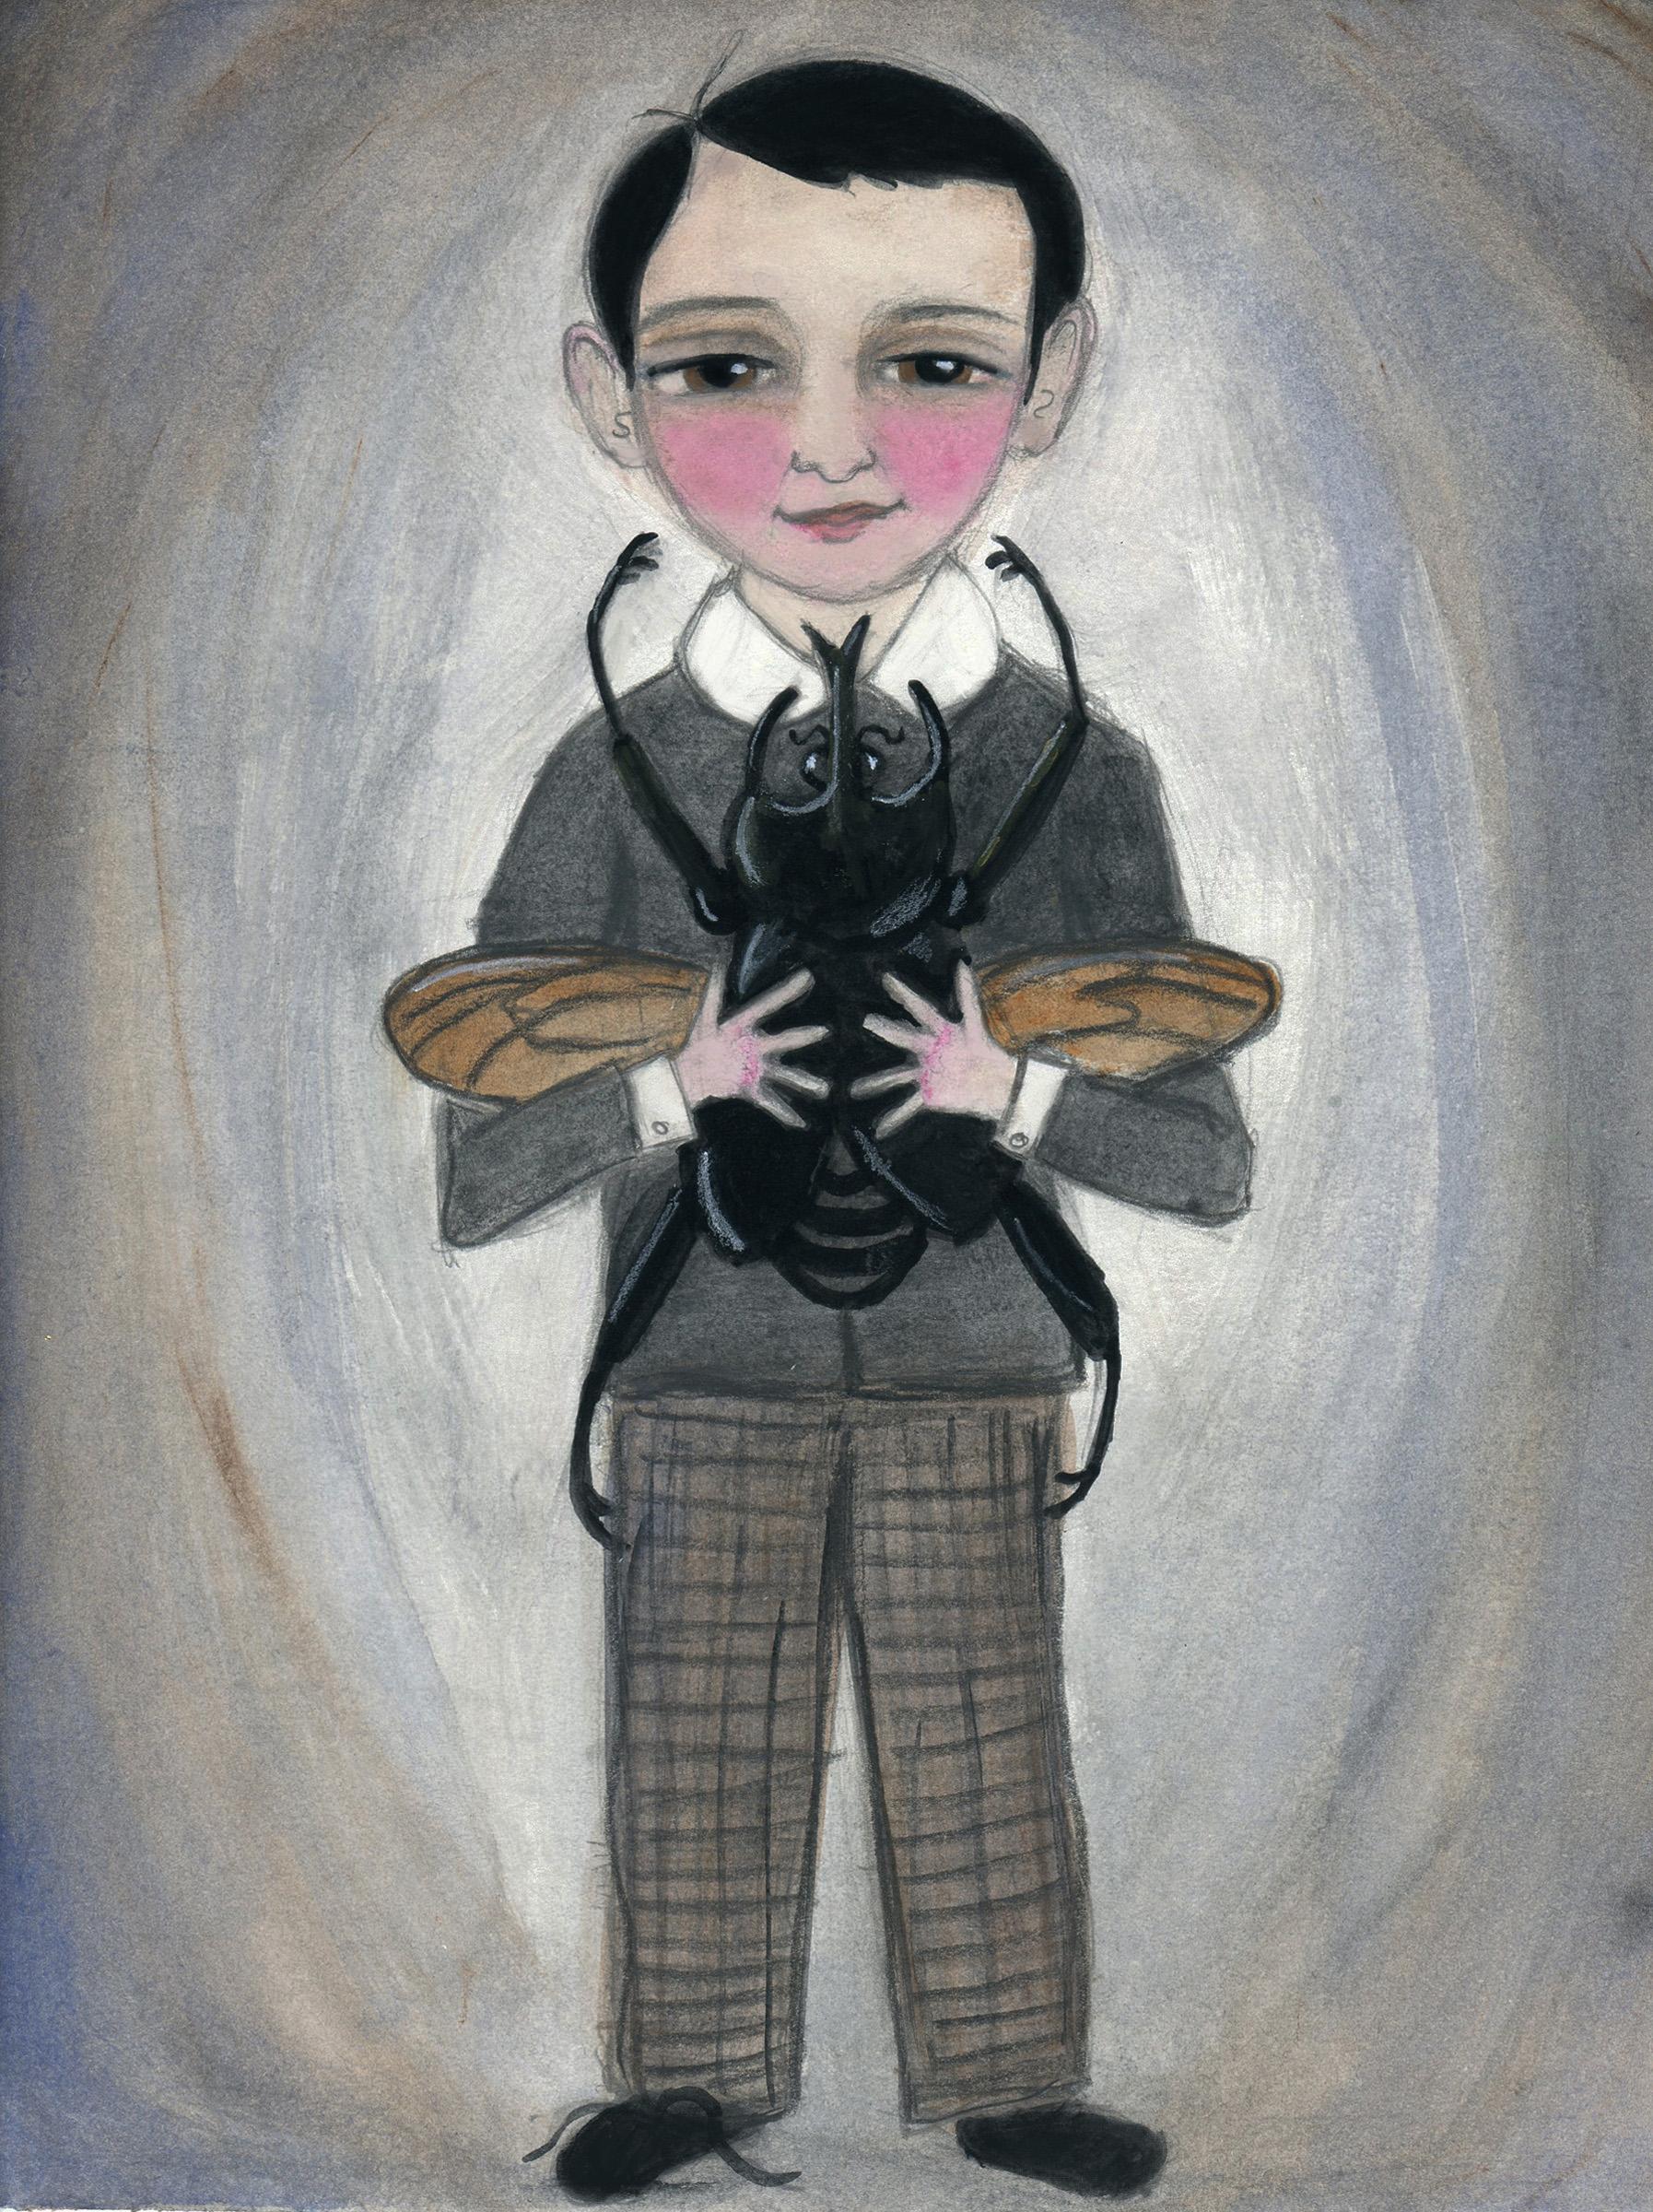 The Beetle Boy